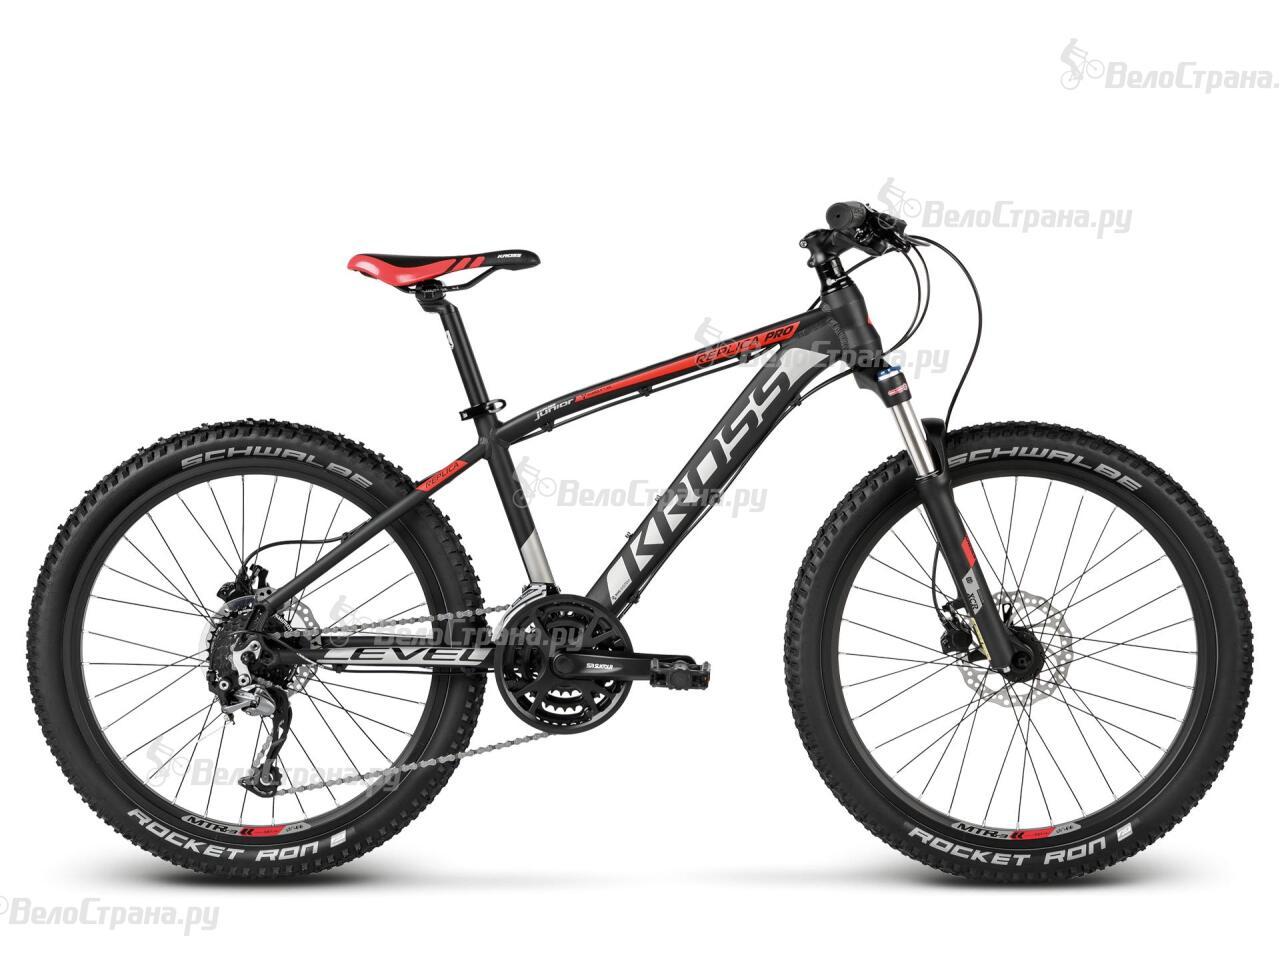 Велосипед Kross Level Replica Pro (2017)